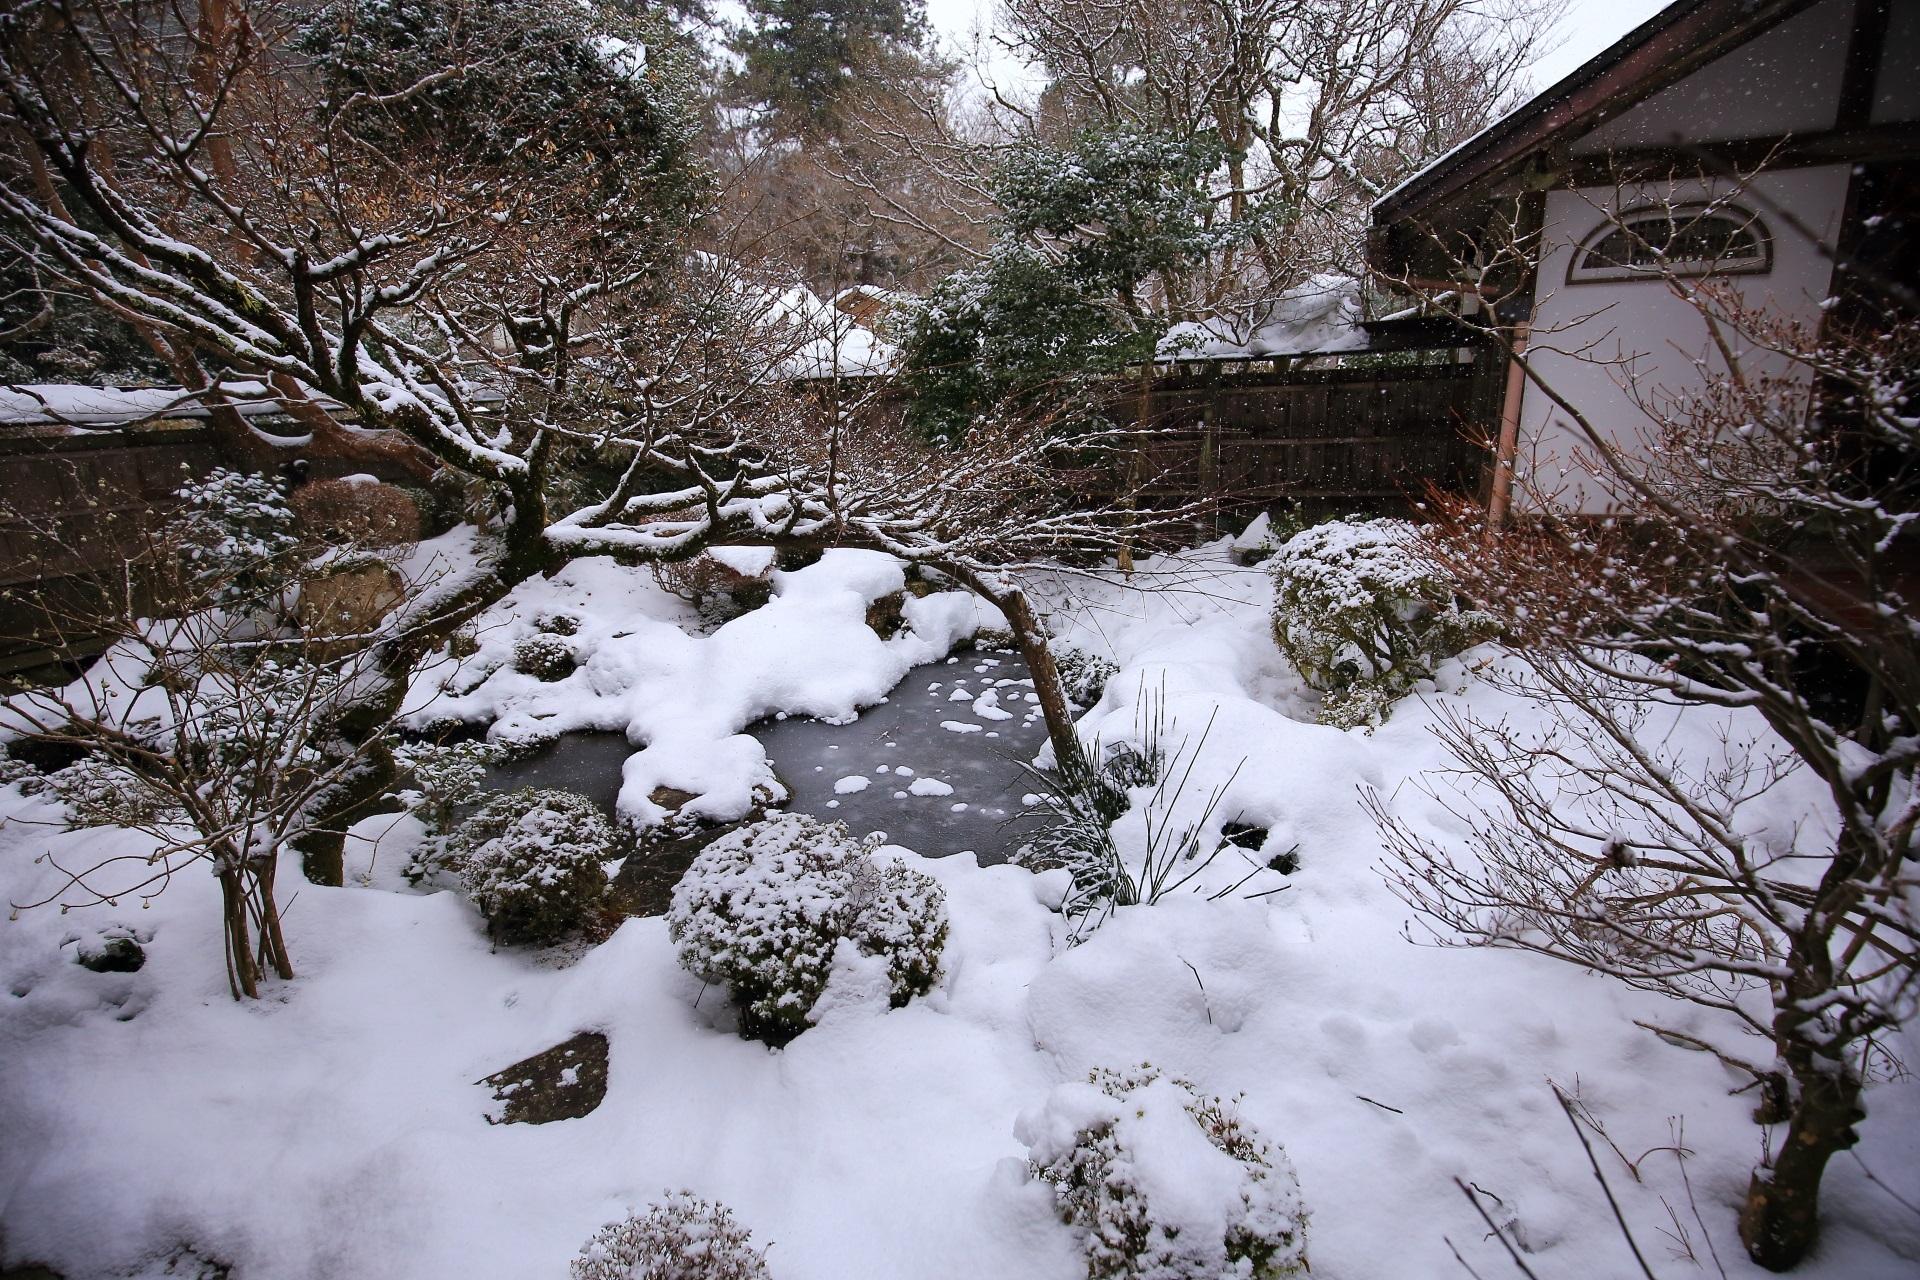 鶴亀の庭の雪景色